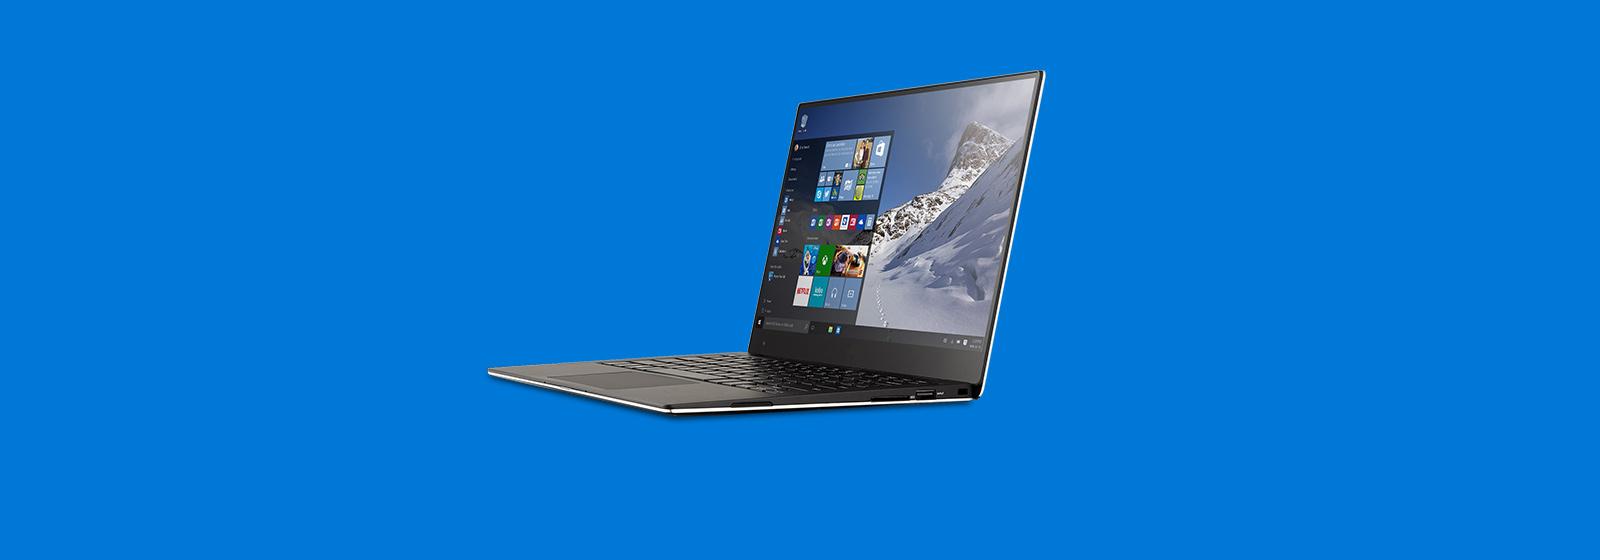 Τα Windows 10 έρχονται. Μάθετε περισσότερα.